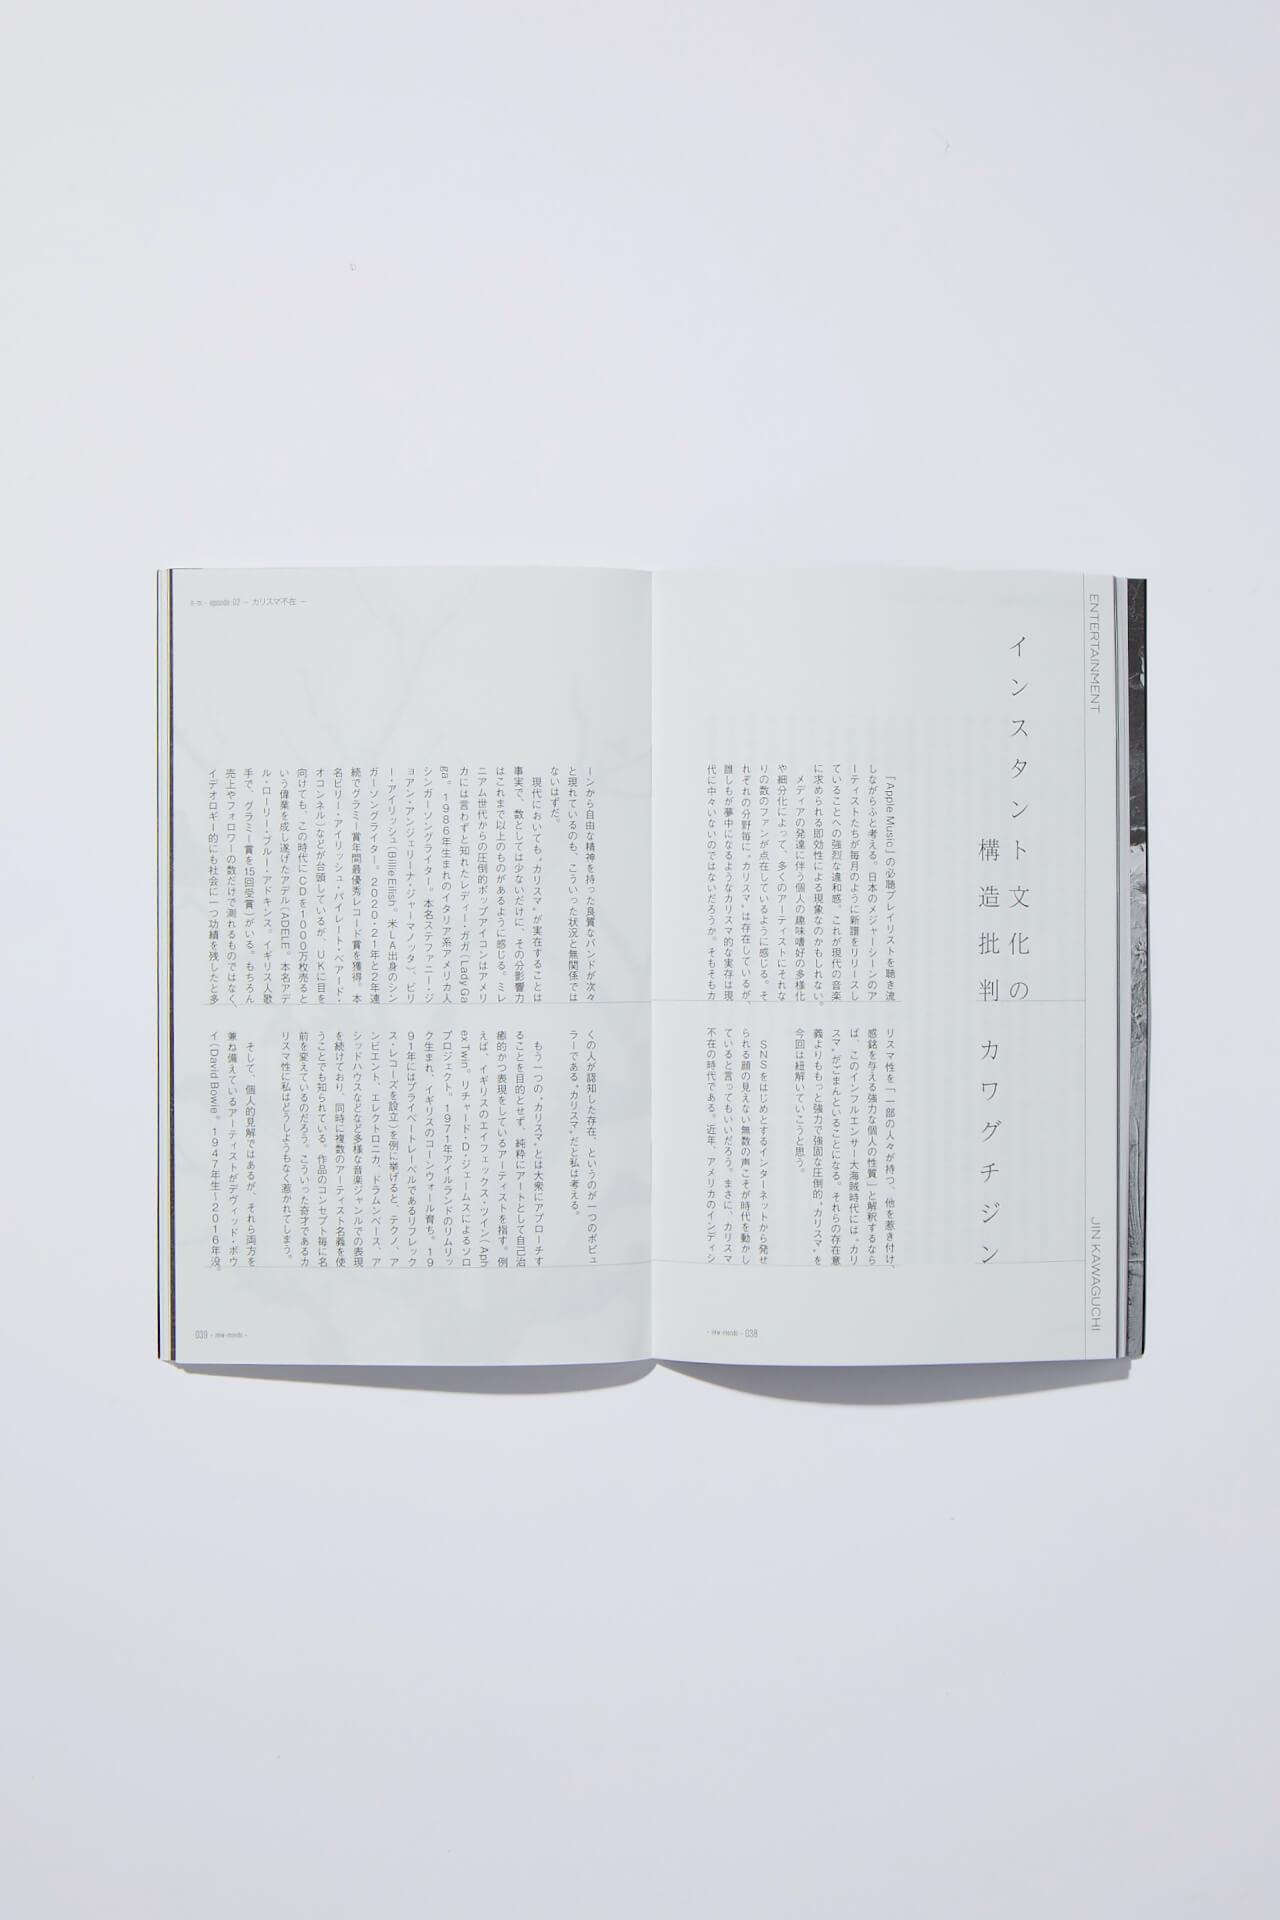 サイバーロマンティック文芸誌『new-mondo magazine』第2号が発売中!カワグチジン、黒柳勝喜、下津光史らが参加 art210511_new-mondo-210511_6